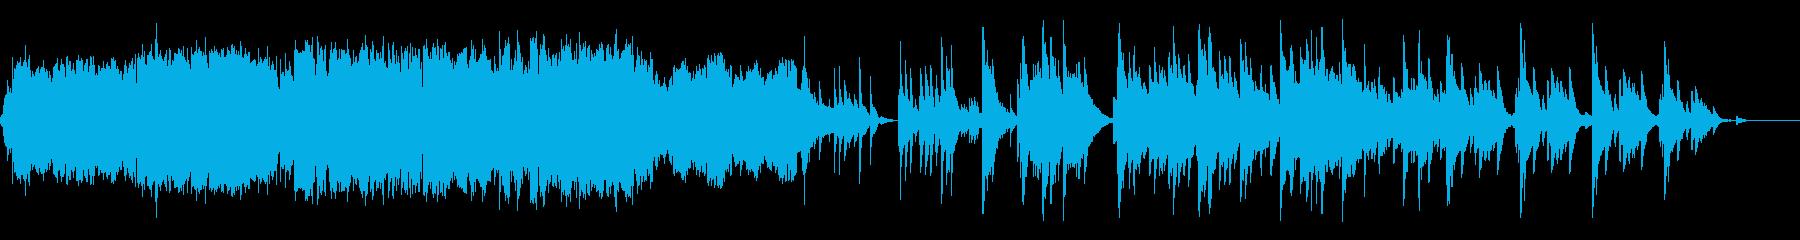 哀愁のある素朴な小曲(後半ピアノ)の再生済みの波形